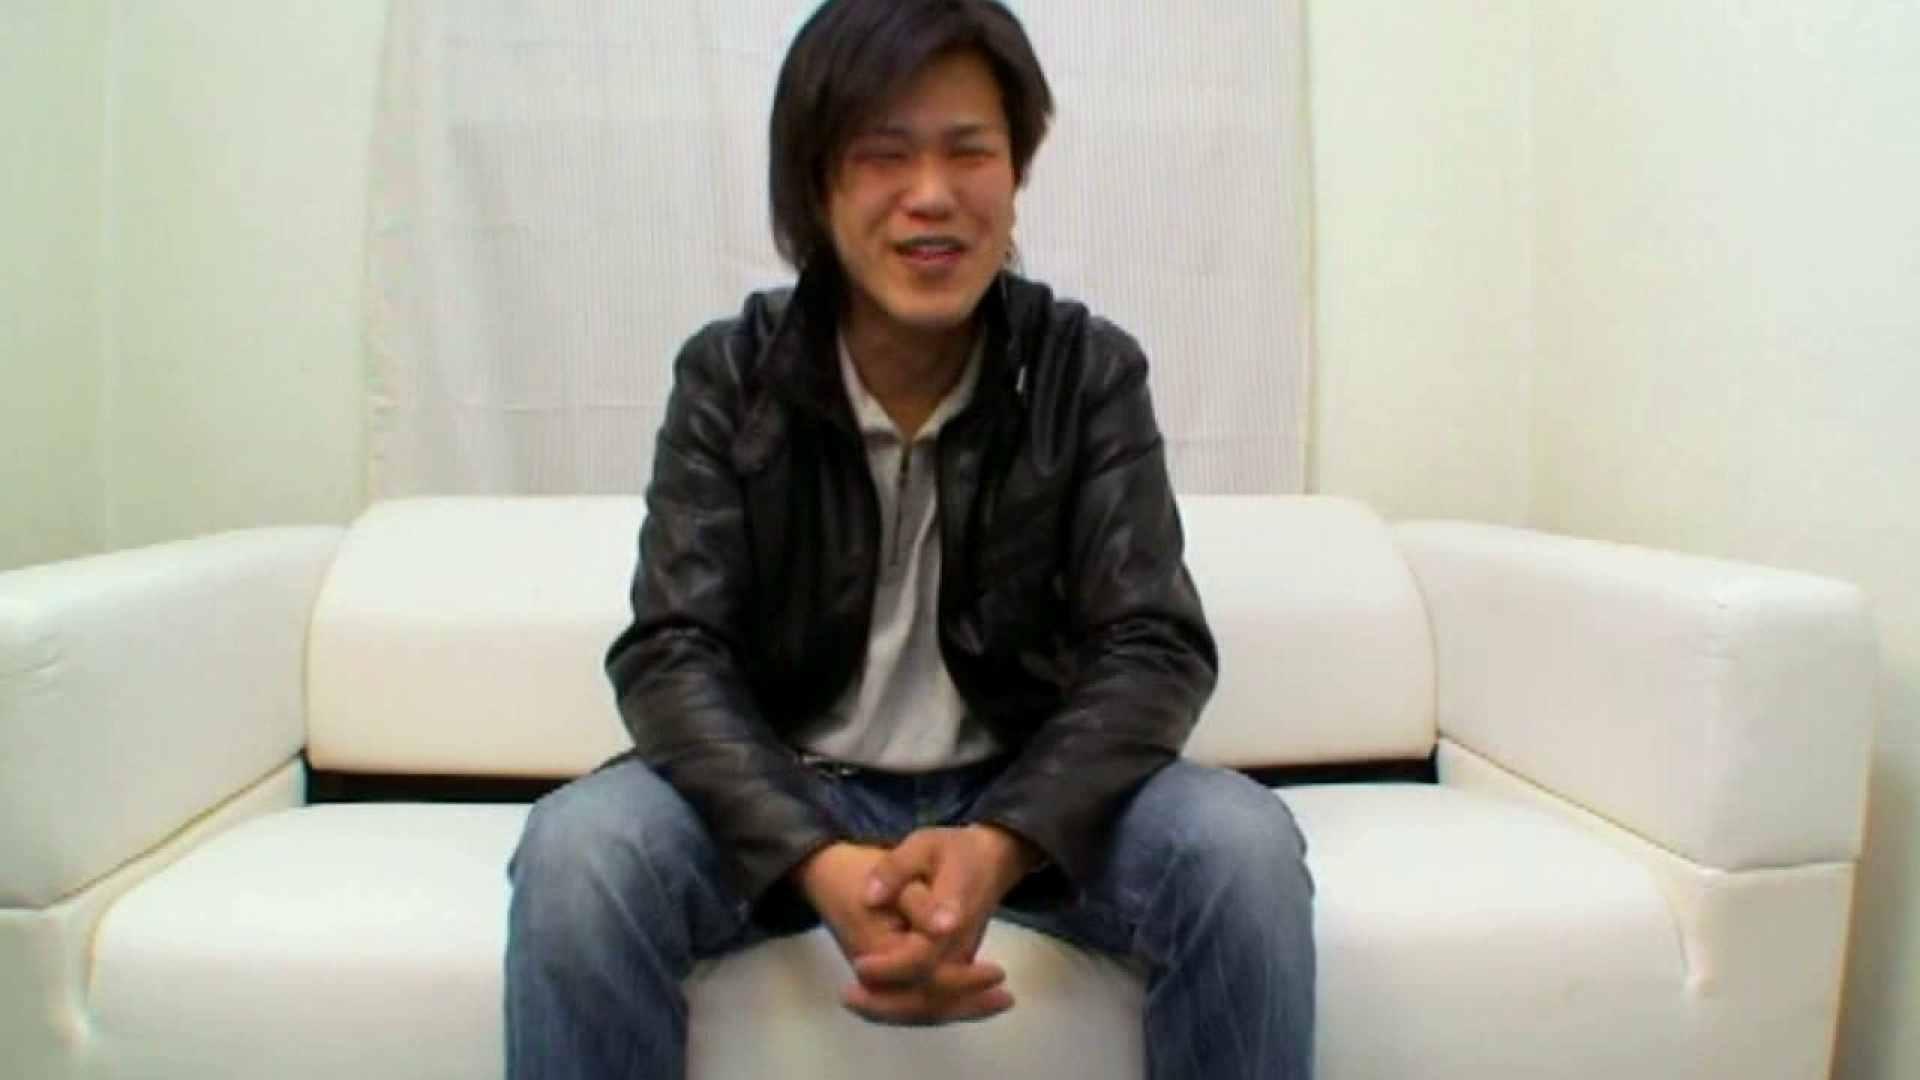 ノンケ!自慰スタジオ No.26 ノンケ君達の・・ | ゲイのオナニー映像  109枚 4